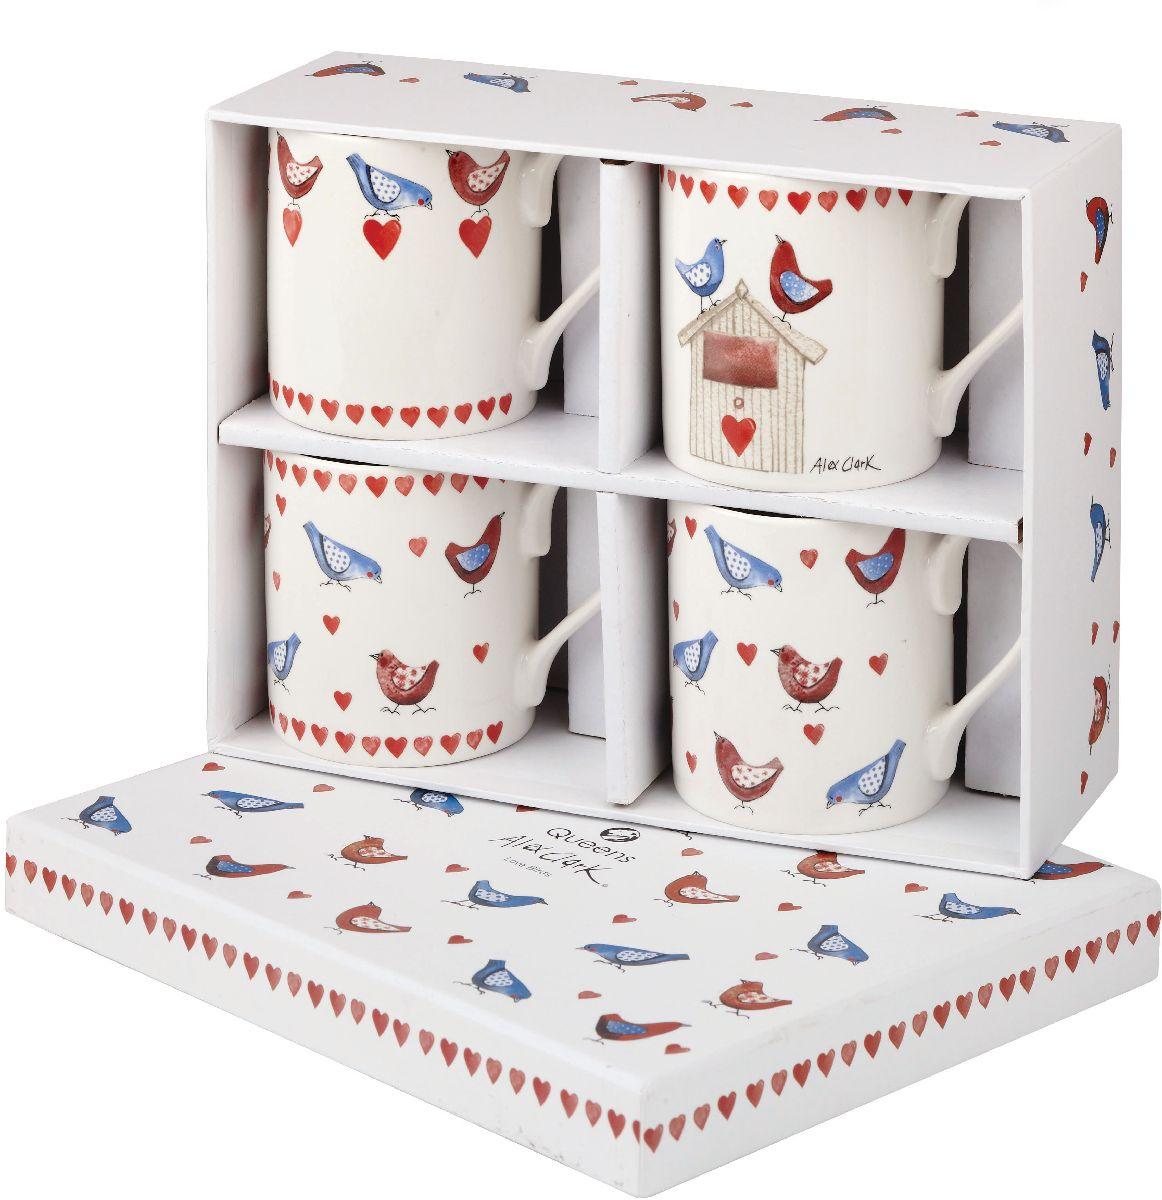 Набор кружек Churchill, 250 мл, 4 шт. ACLB00131ACLB00131Коллекция Птички - уникальное сочетание живой природы и прекрасные воспоминания из детства. Легкий и простой дизайн с пастельными красками идеально подойдет для любой кухни.